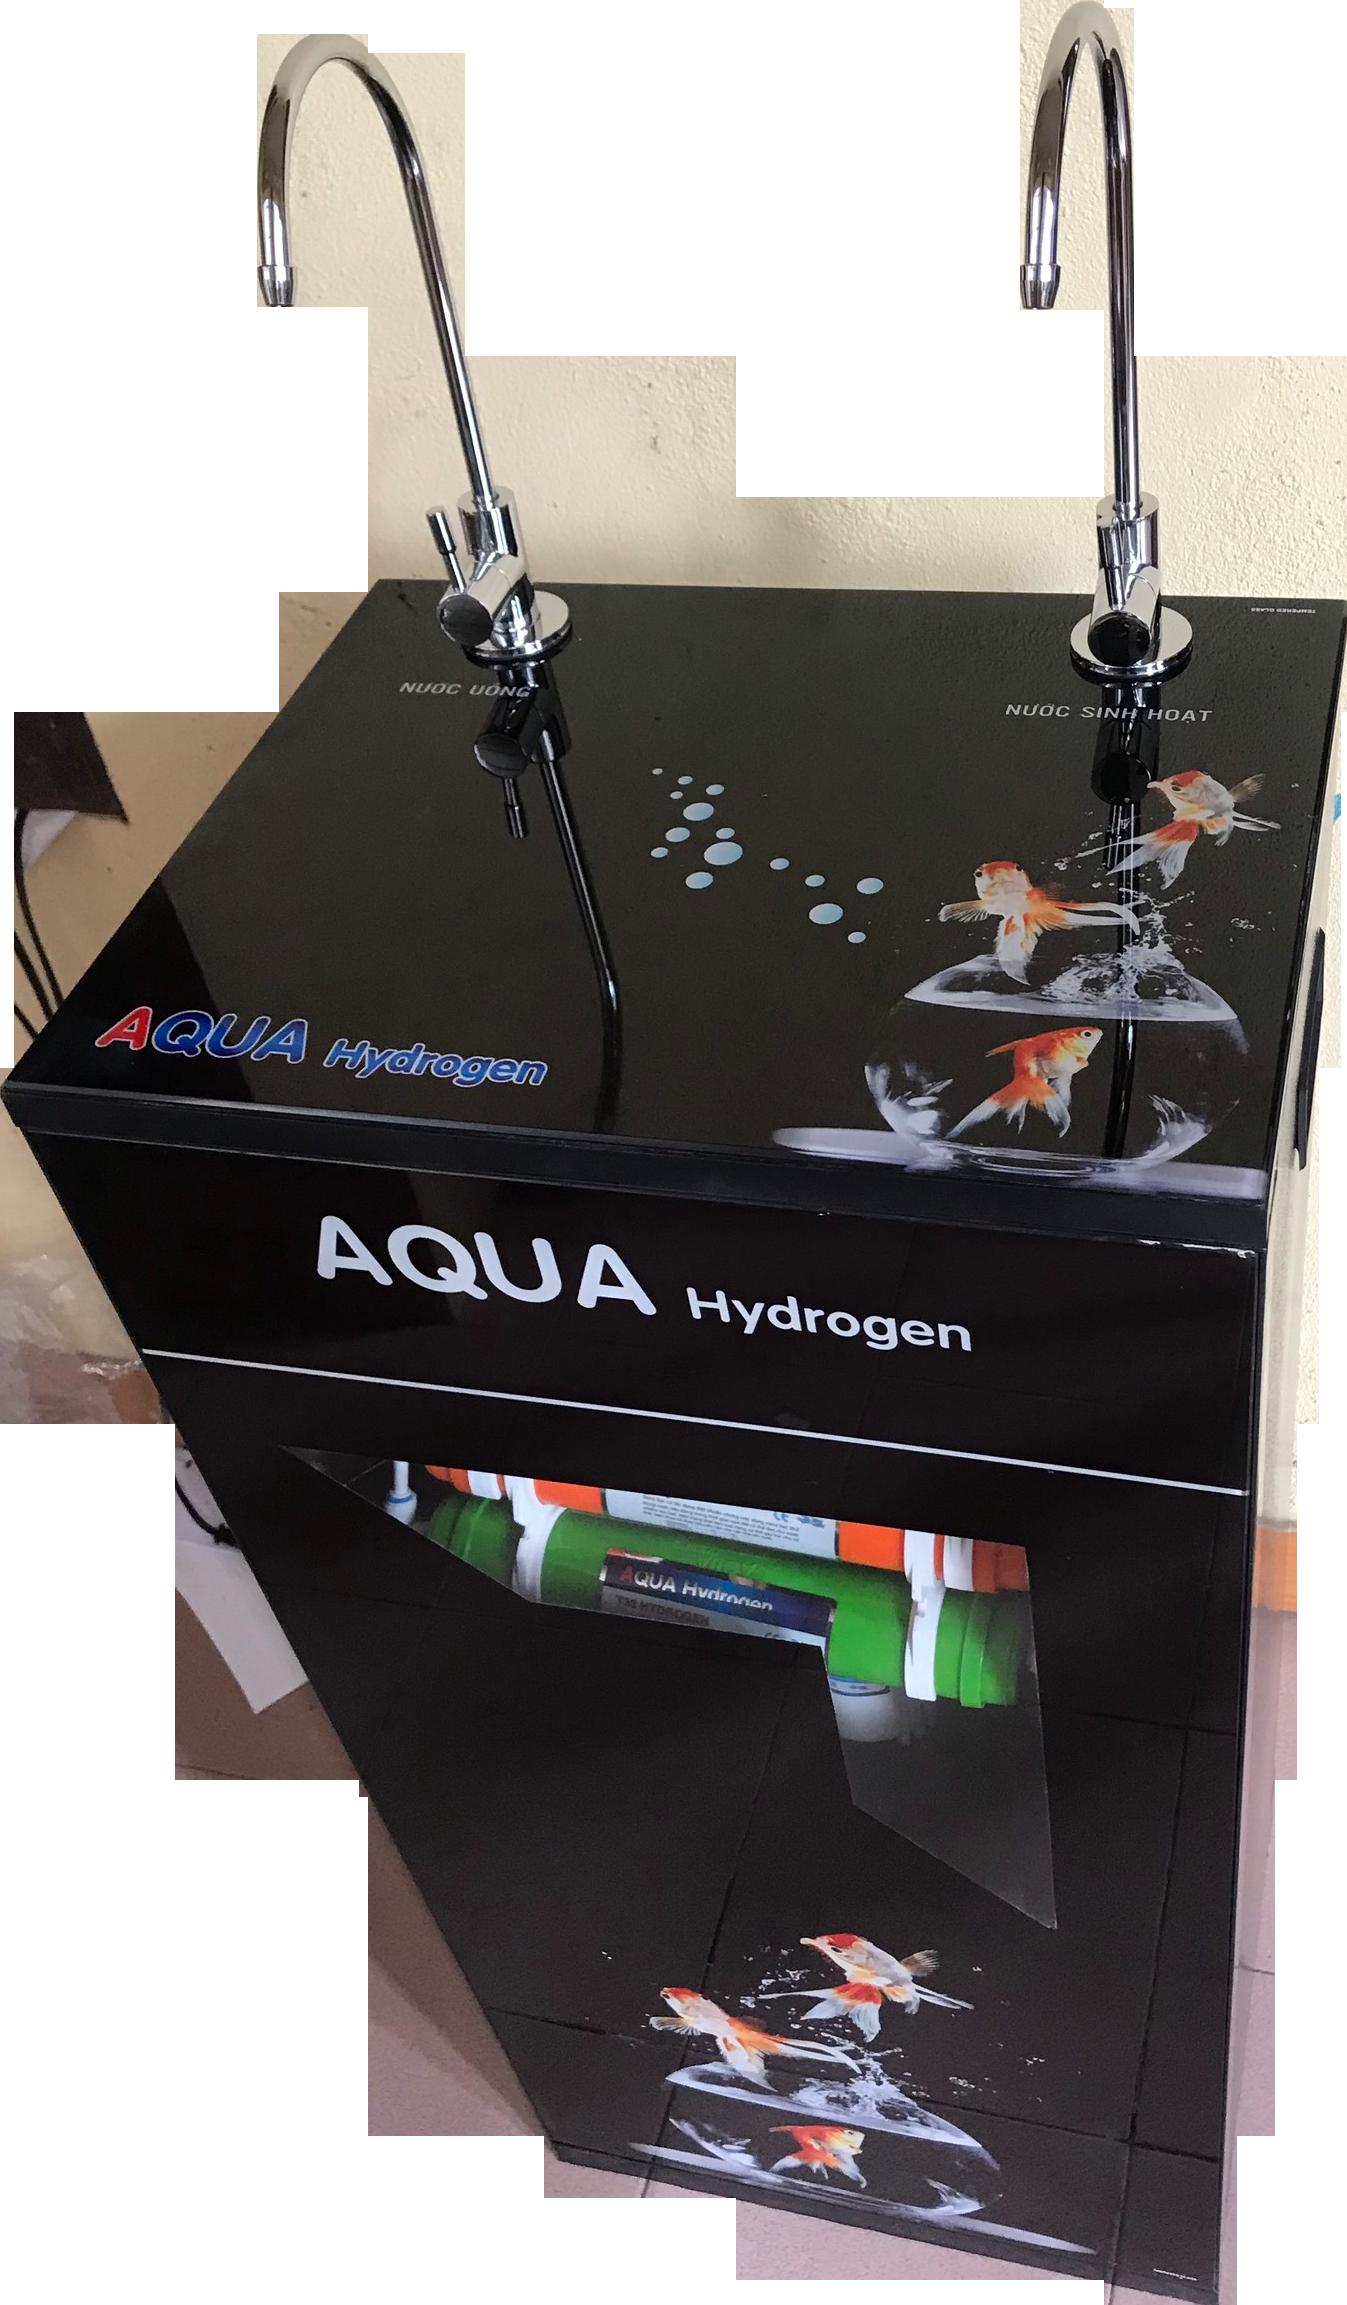 Aqua 2voi 05